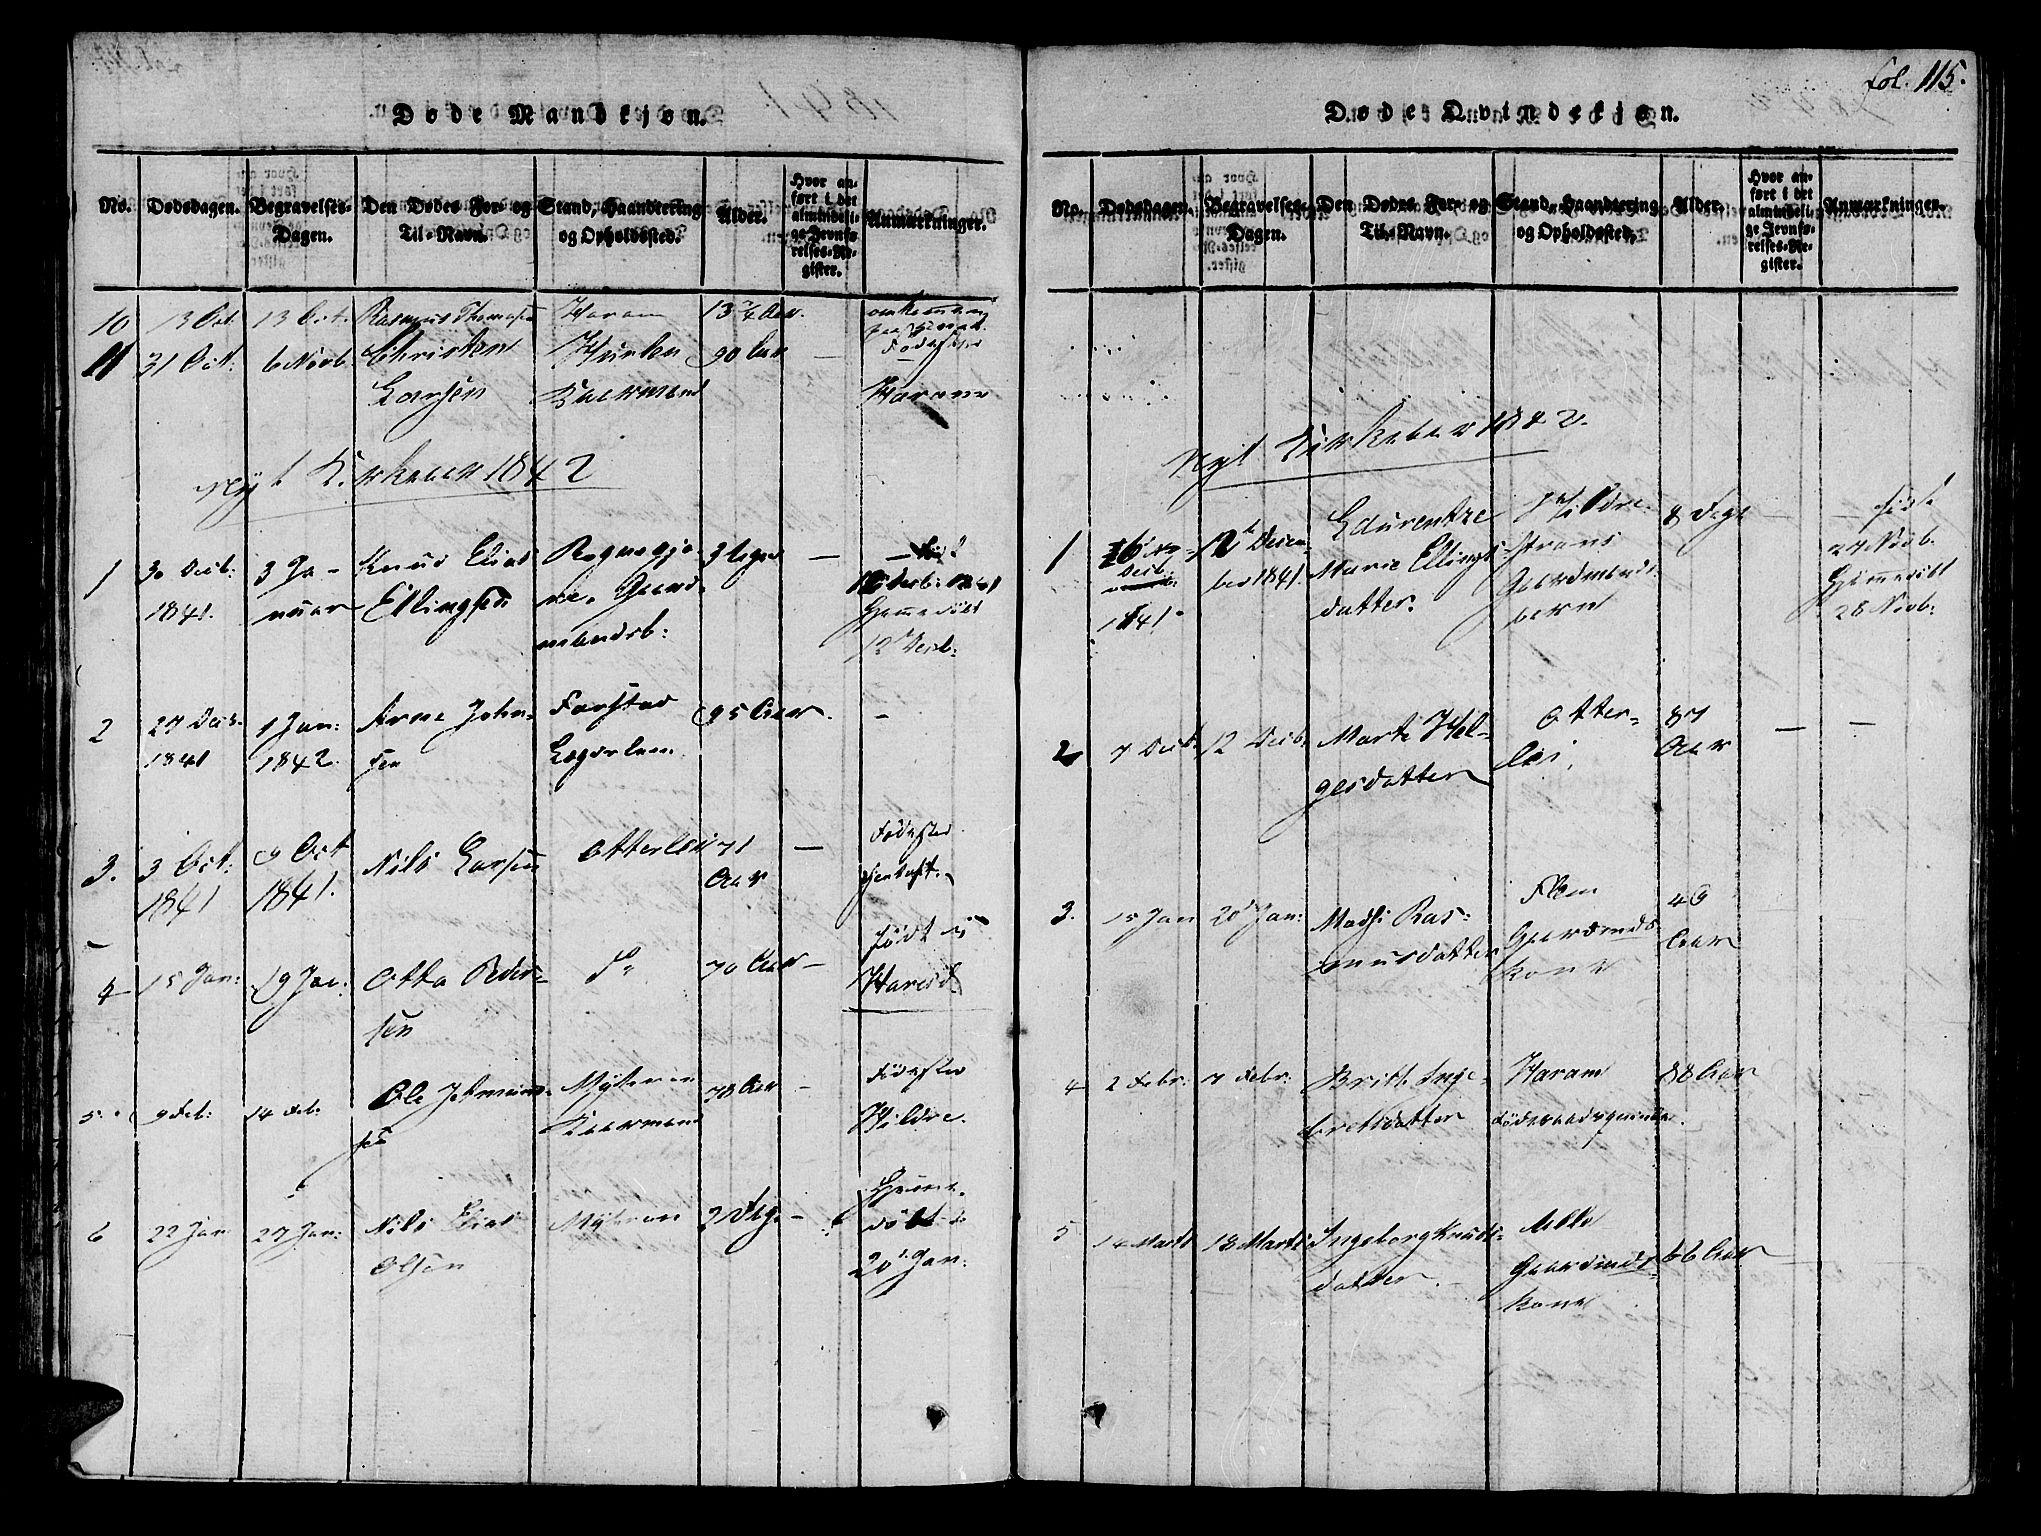 SAT, Ministerialprotokoller, klokkerbøker og fødselsregistre - Møre og Romsdal, 536/L0495: Ministerialbok nr. 536A04, 1818-1847, s. 115